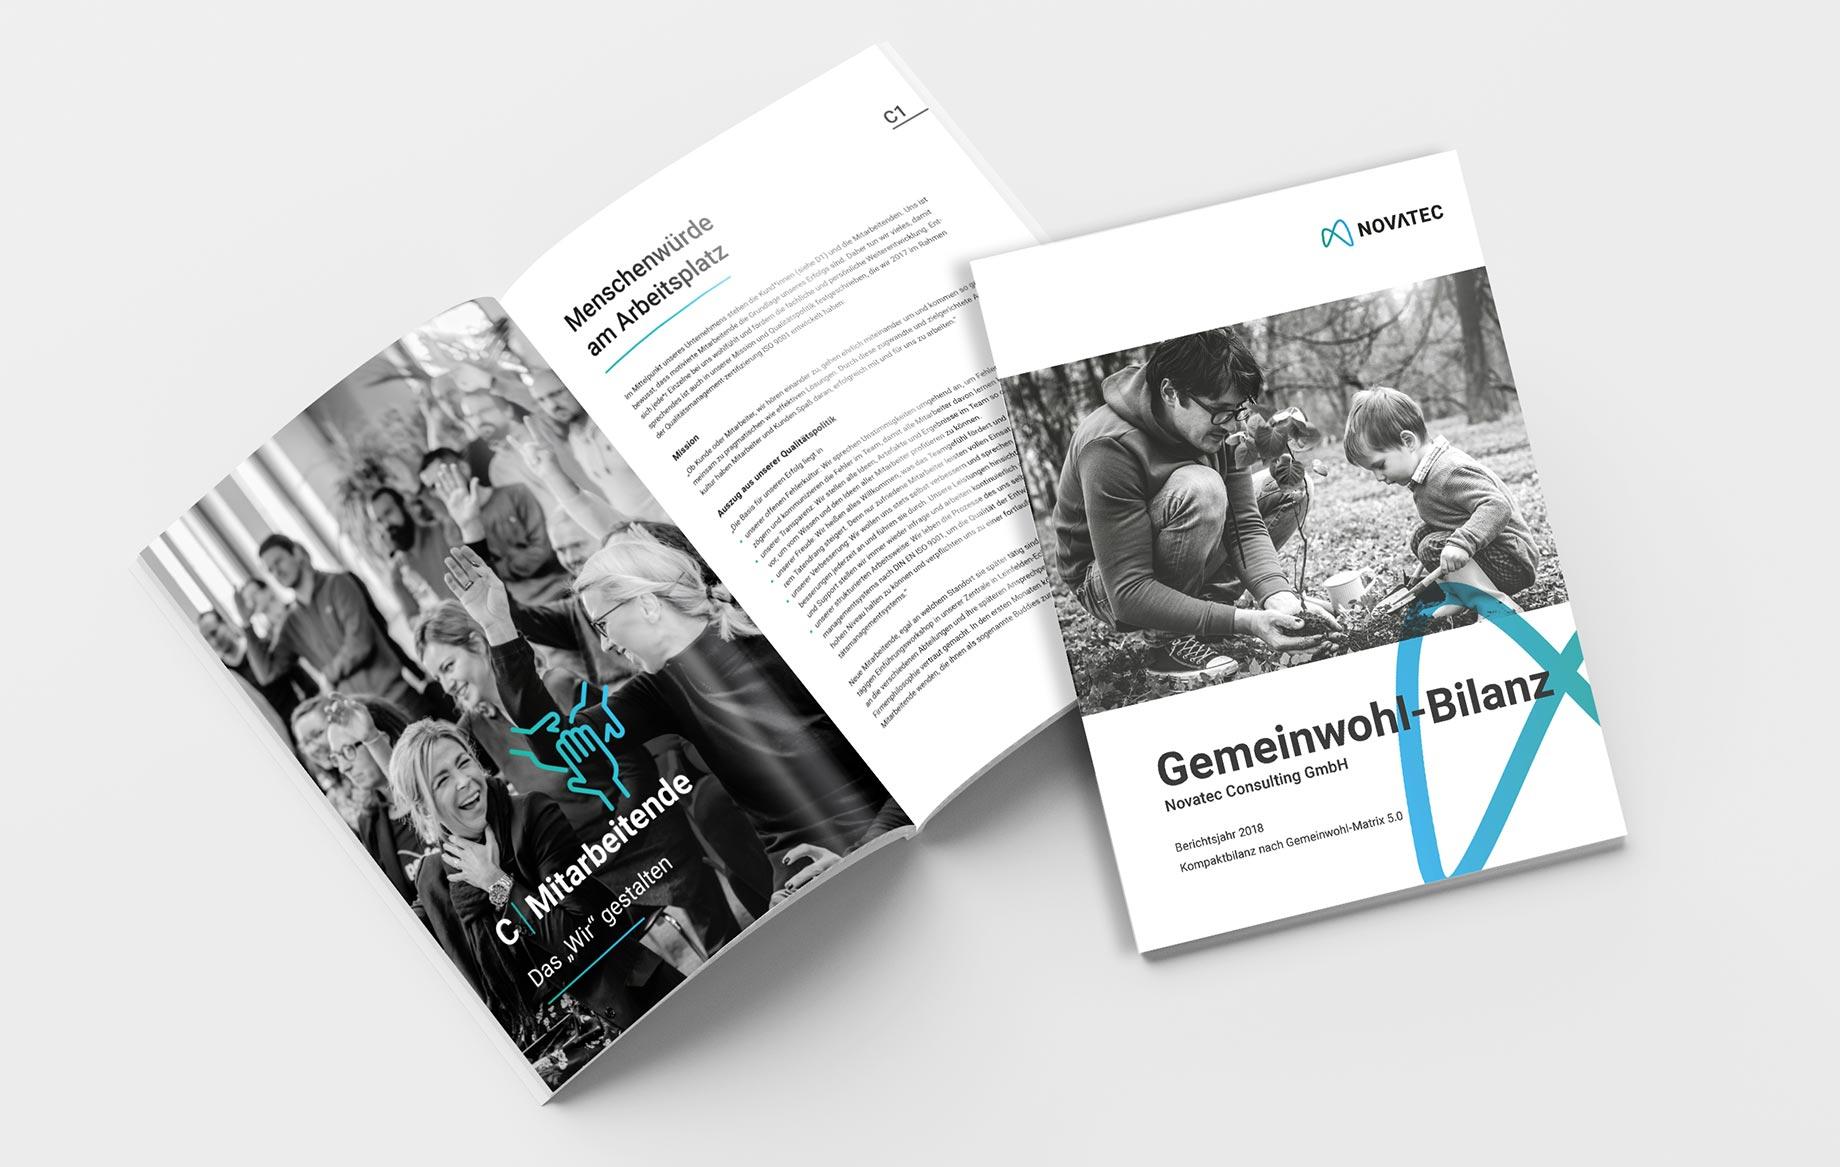 Die Gemeinwohl-Bilanz im Novatec-Design.